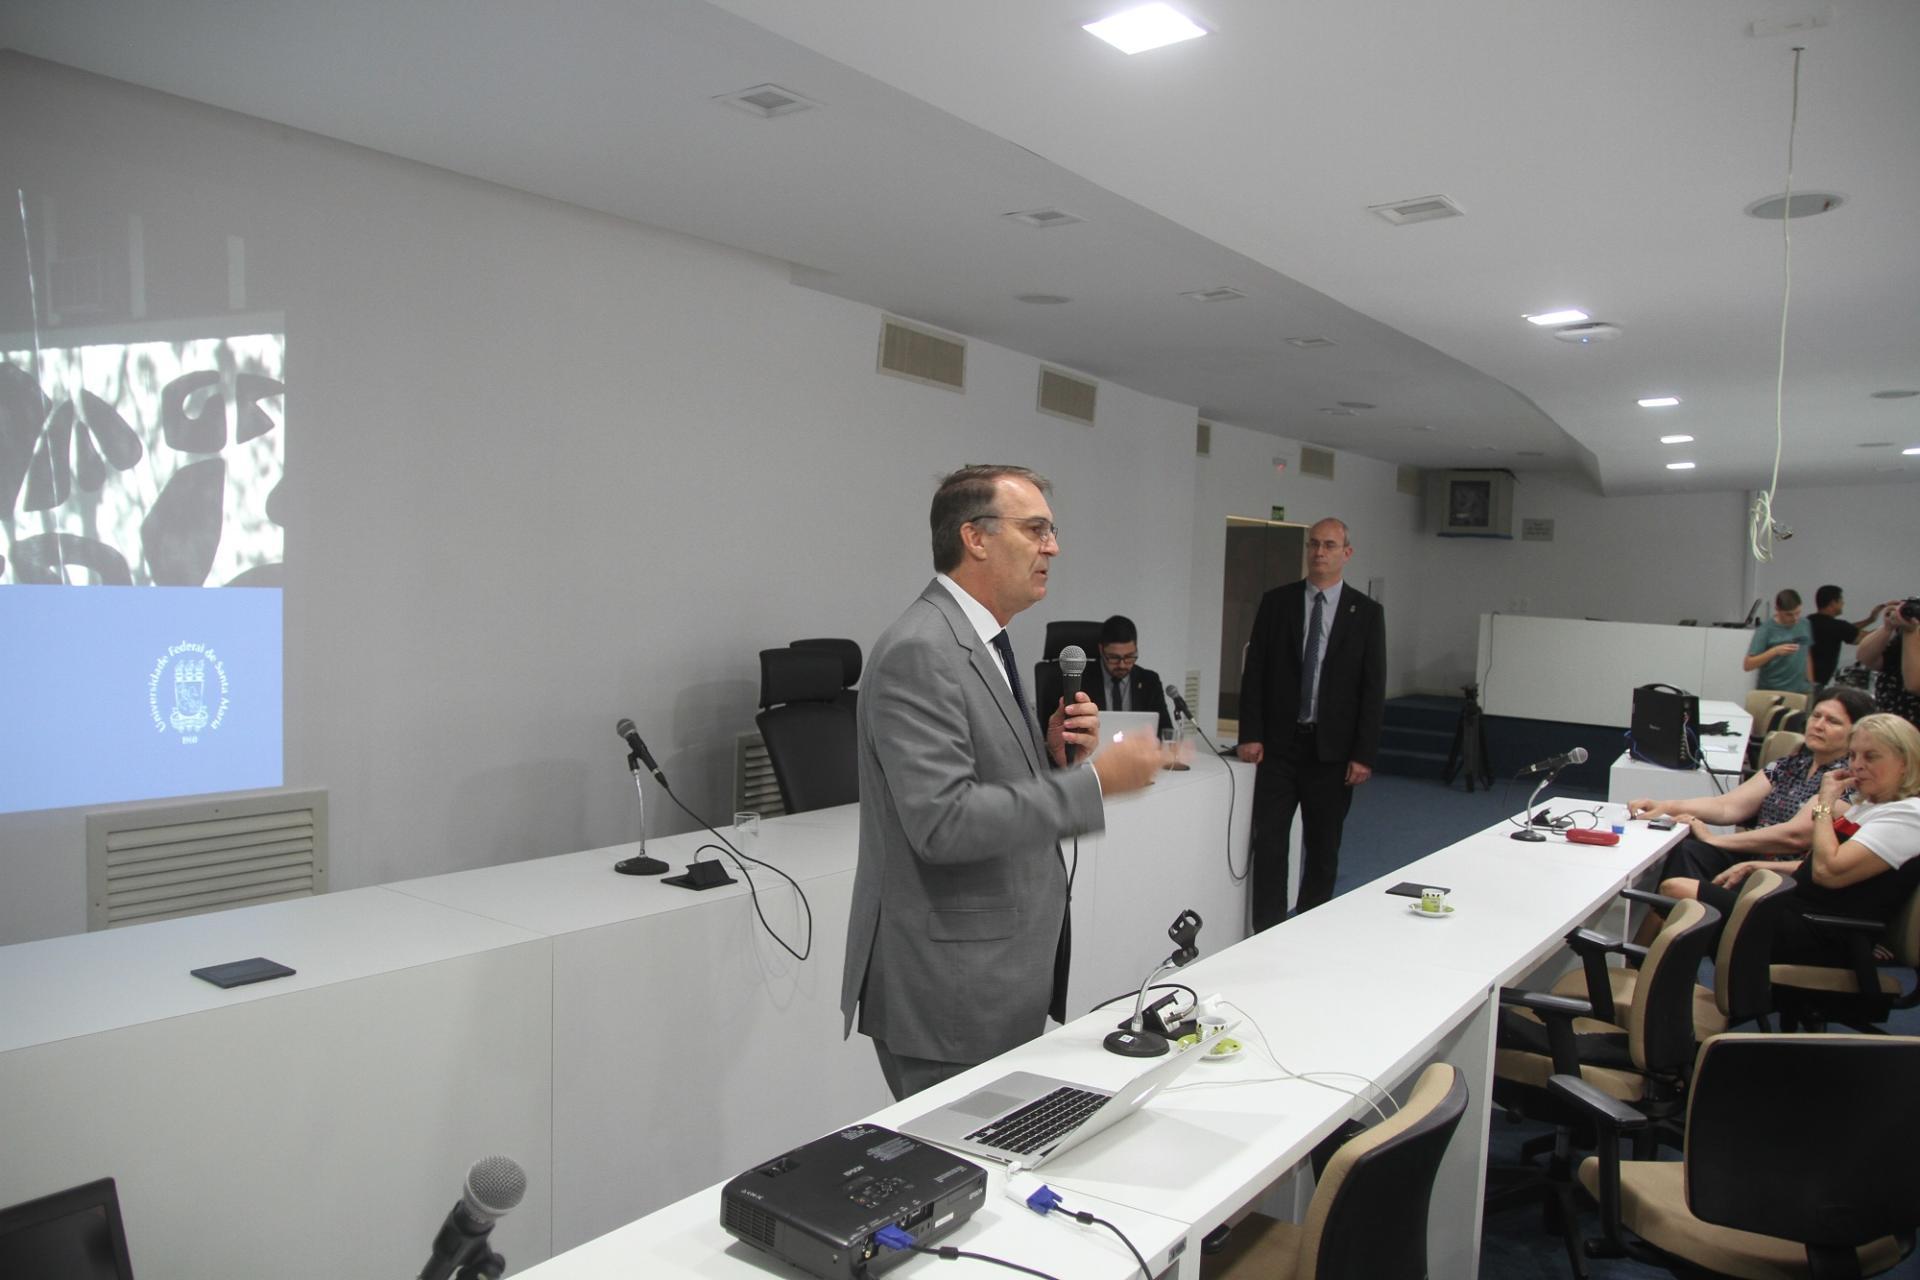 Foto colorida horizontal mostra reitor e vice em primeiro plano, ambos em pé, na Sala dos Conselhos, enquanto o reitor fala ao público